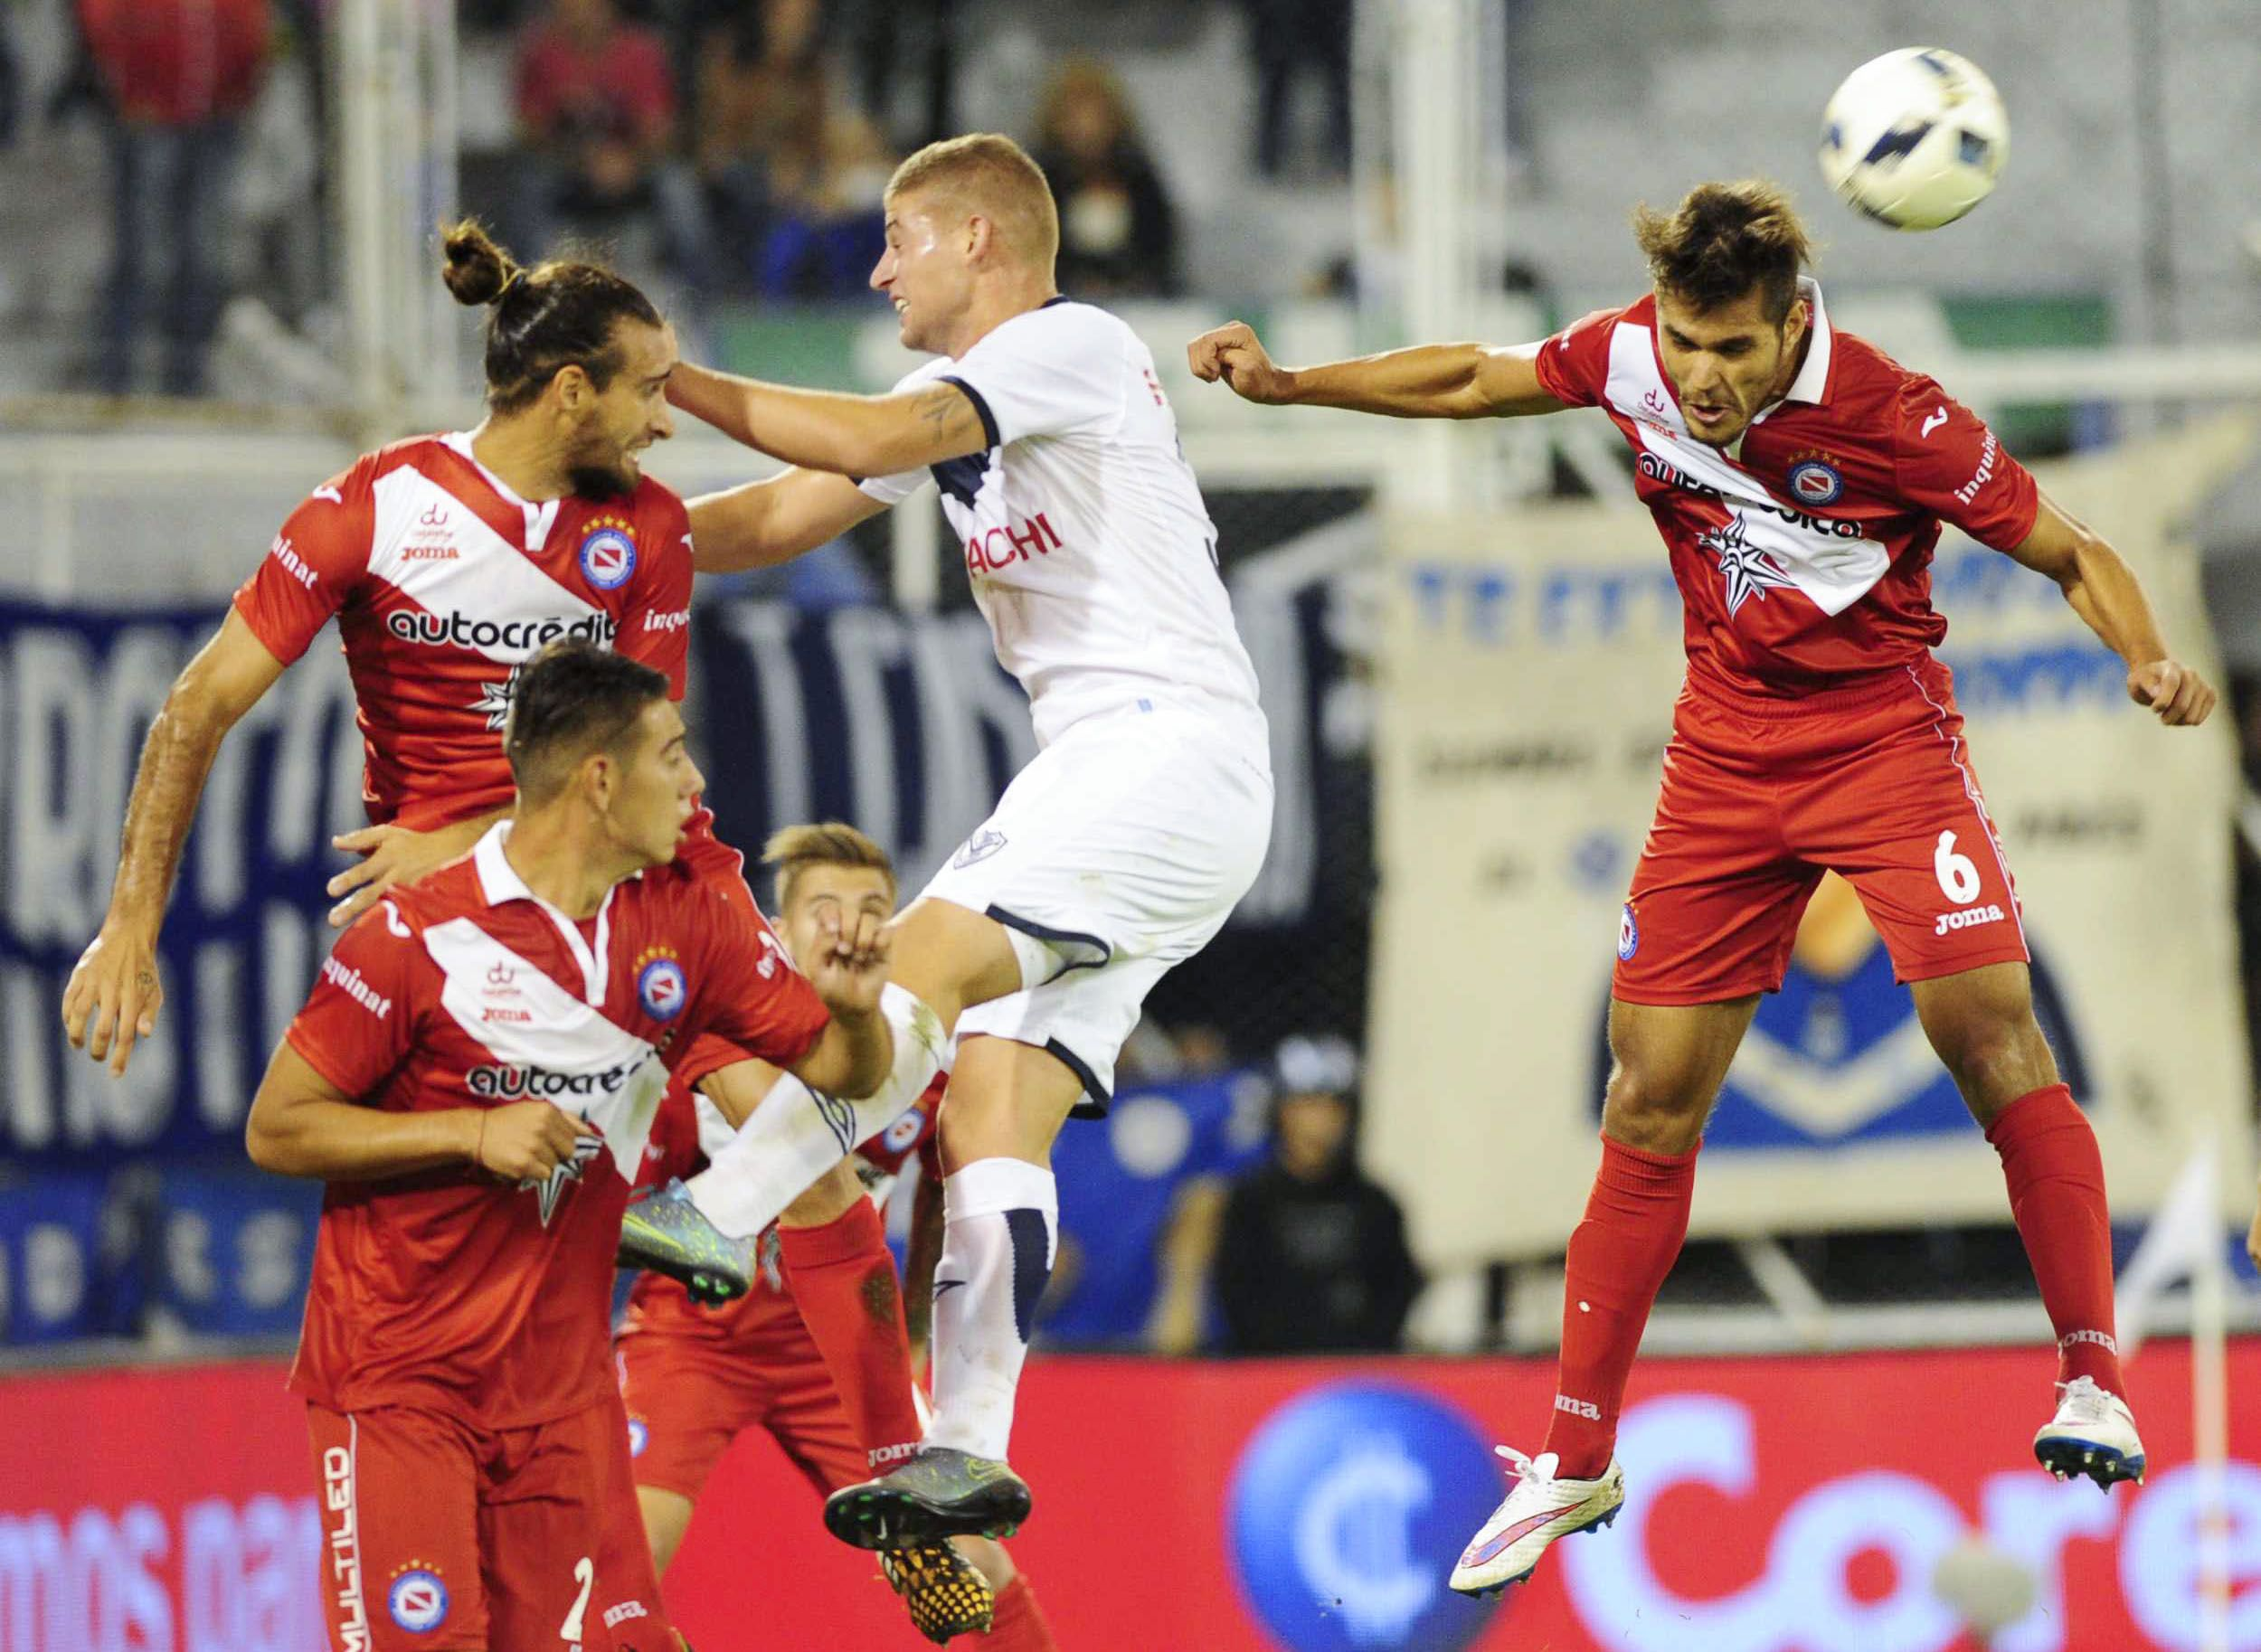 Sobre el final, Vélez se llevó el triunfo en el derby ante Argentinos